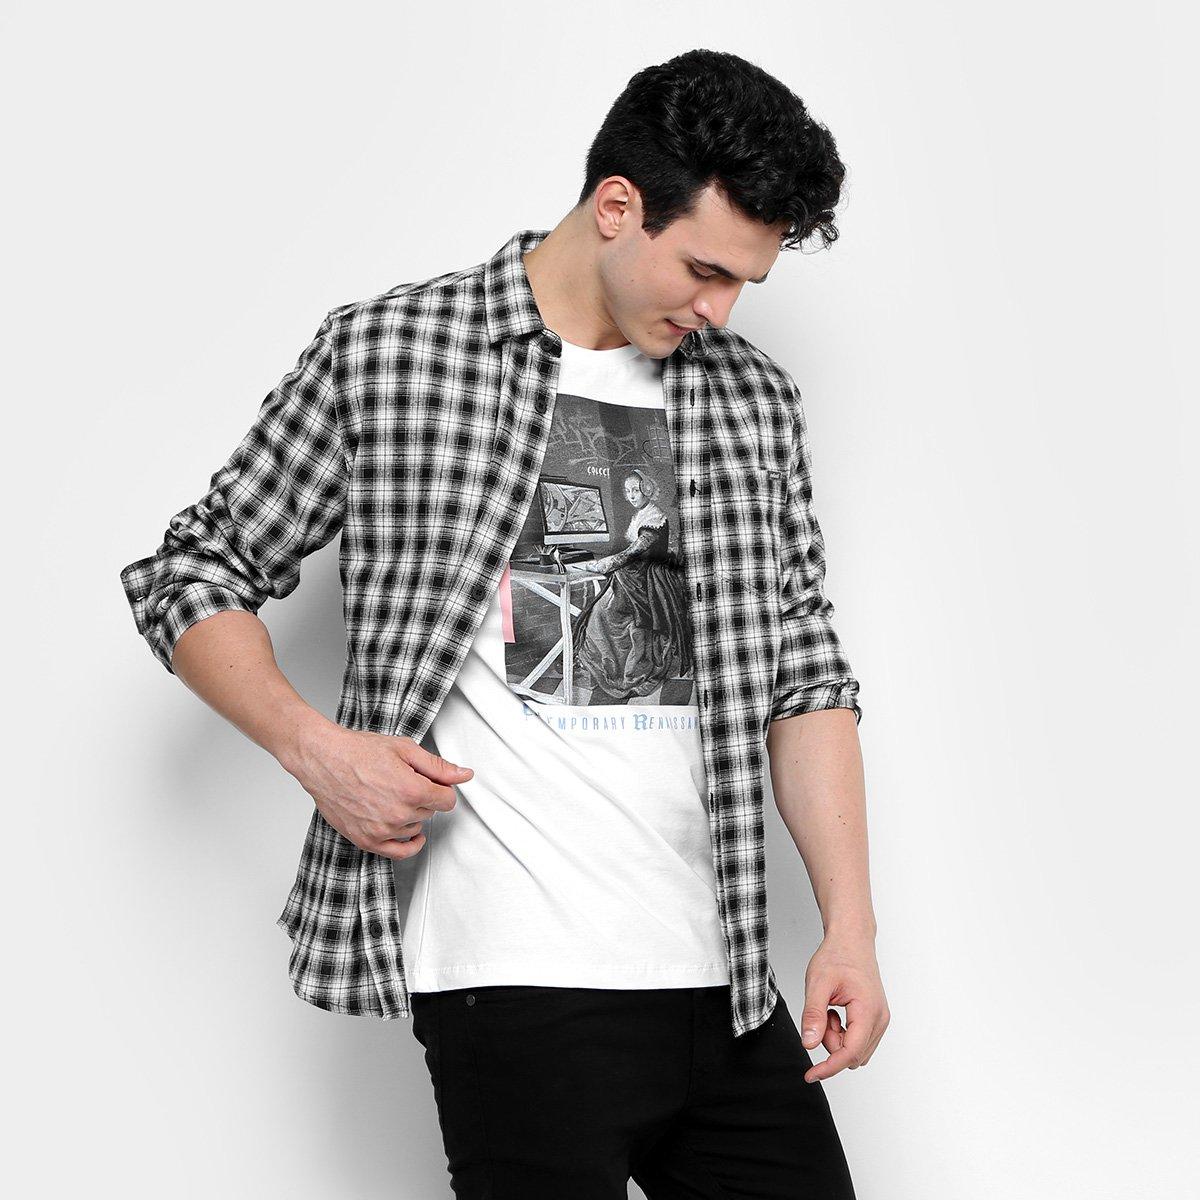 Camisa Colcci ML Xadrez Flanelada Bolso Masculina - Compre Agora ... 7024977e638da